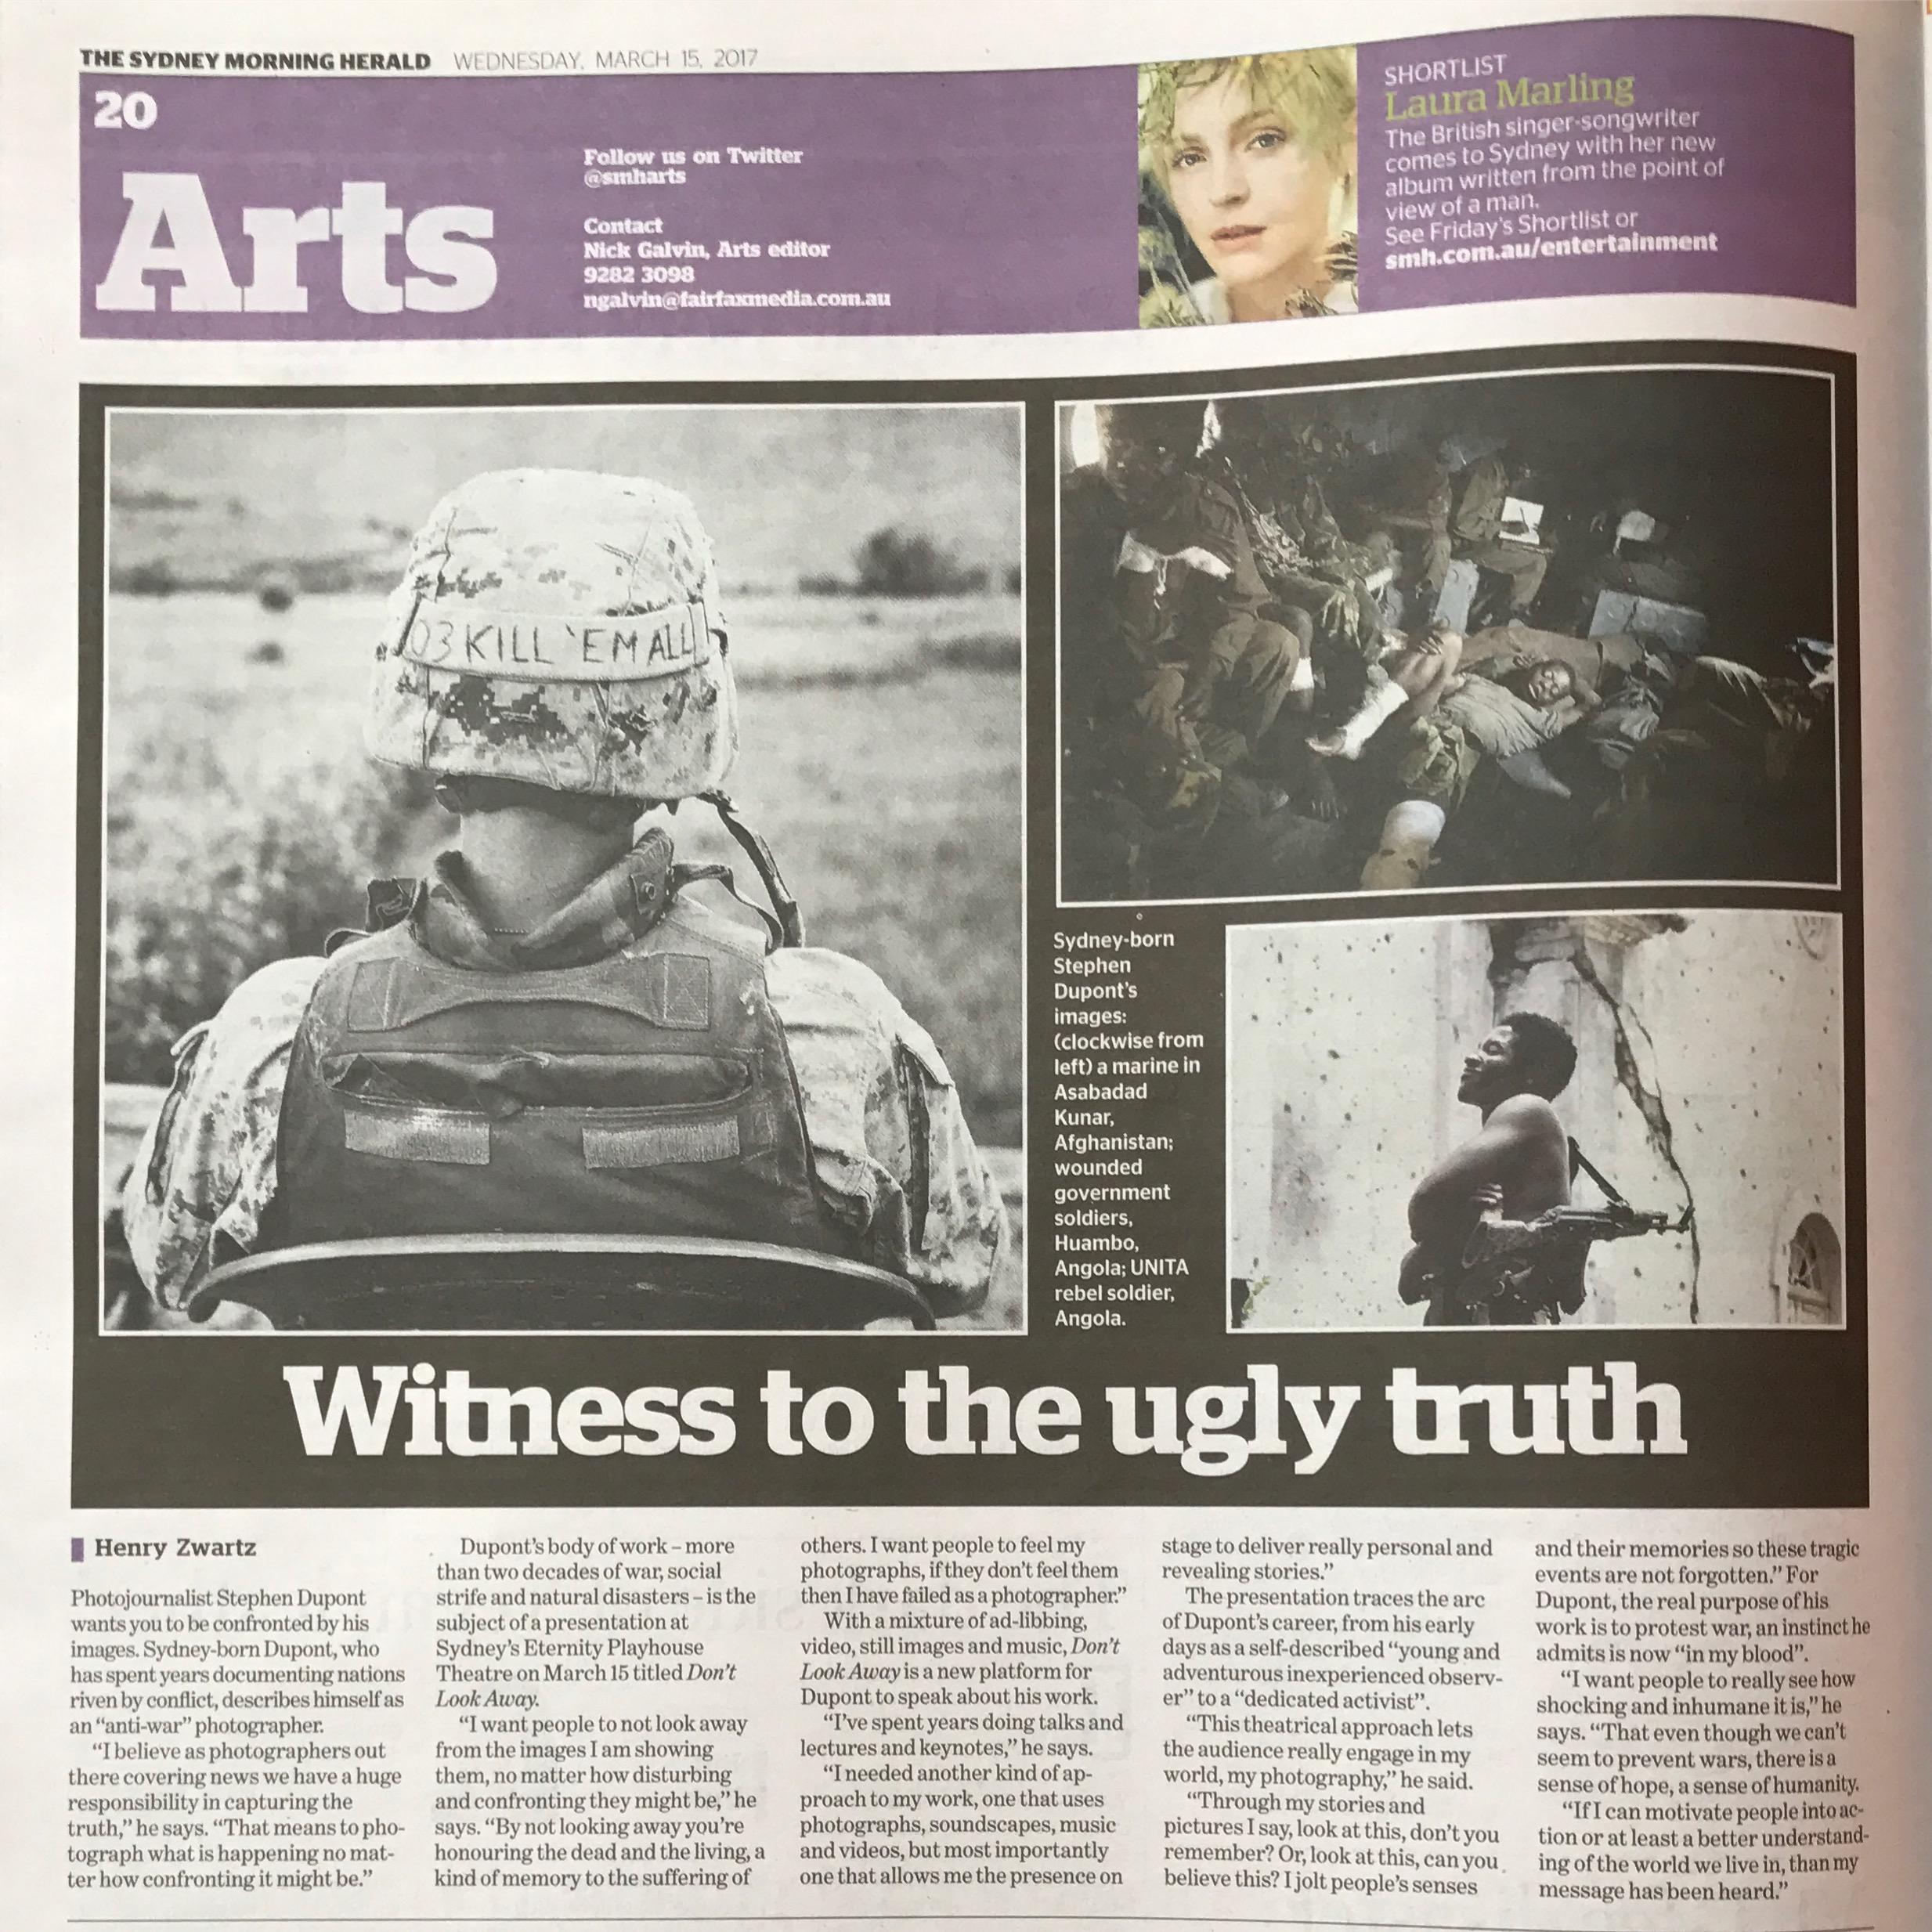 Sydney Morning Herald Arts, March 15, 2017.